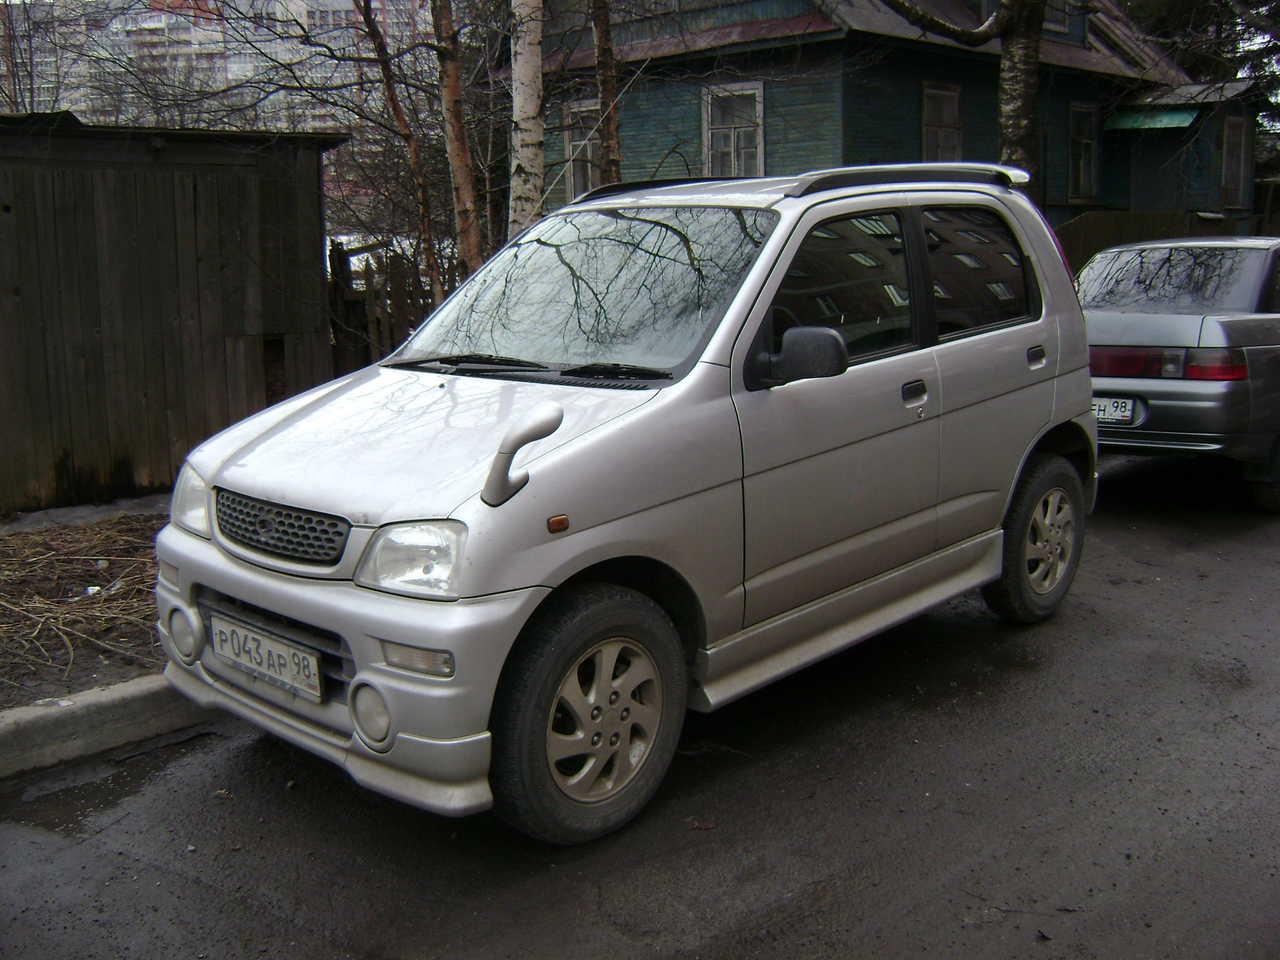 2000 Daihatsu Terios Kid Pictures 0 7l Gasoline